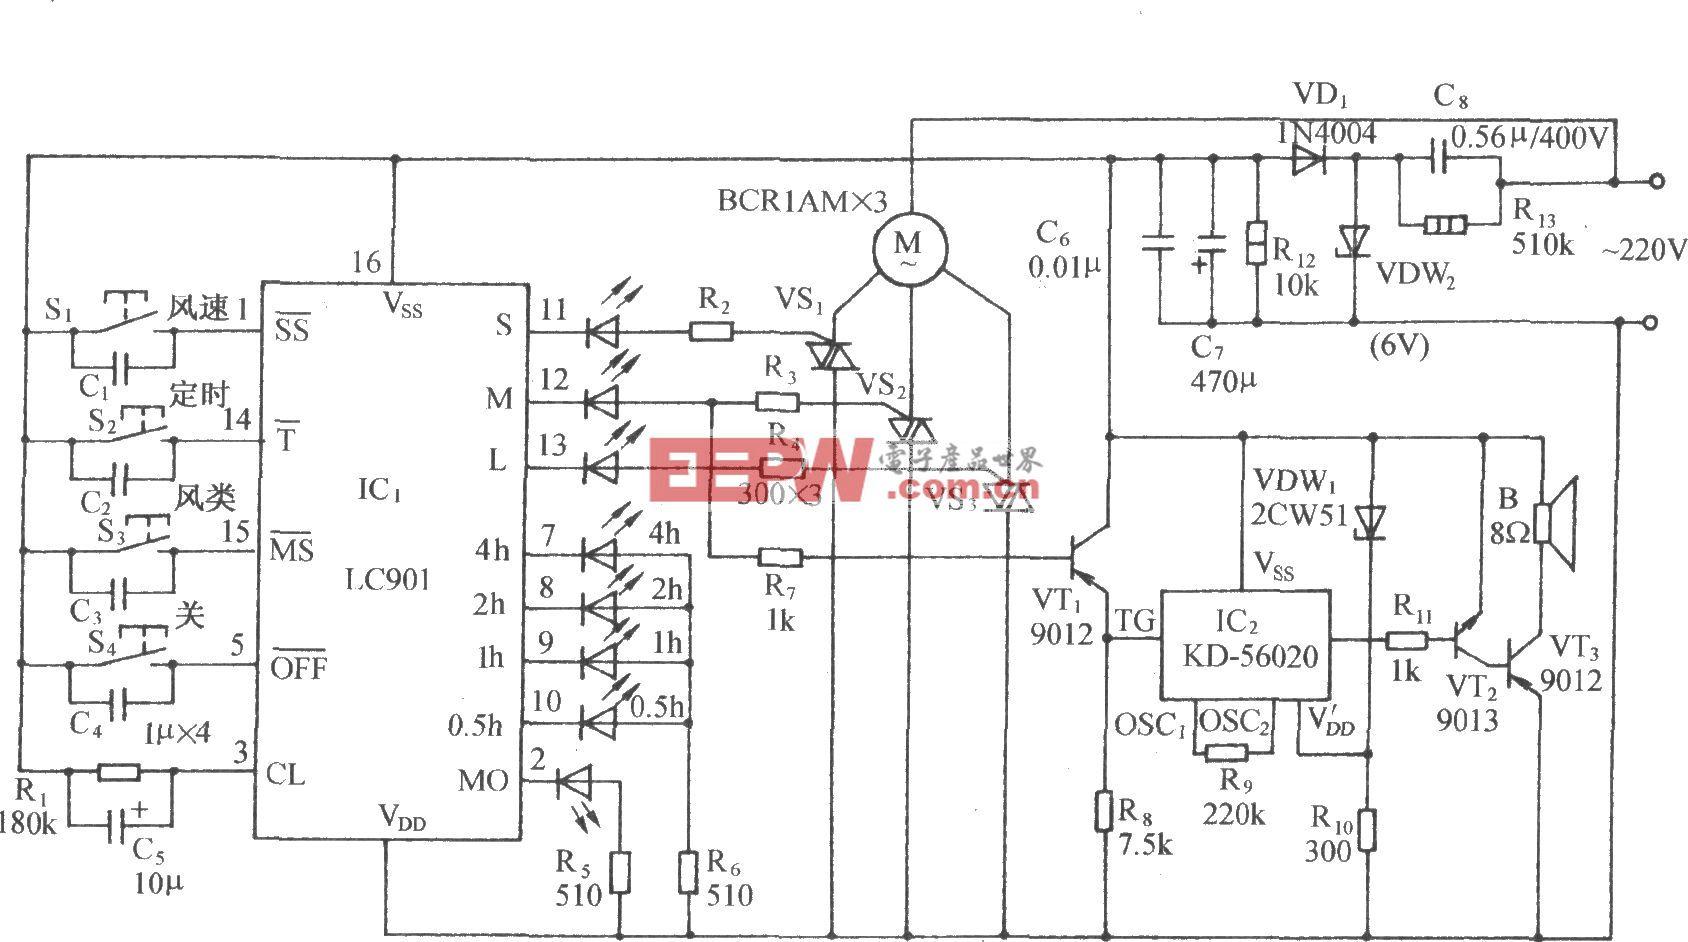 用LC901的多功能电风扇伴蛙鸣声控制电路